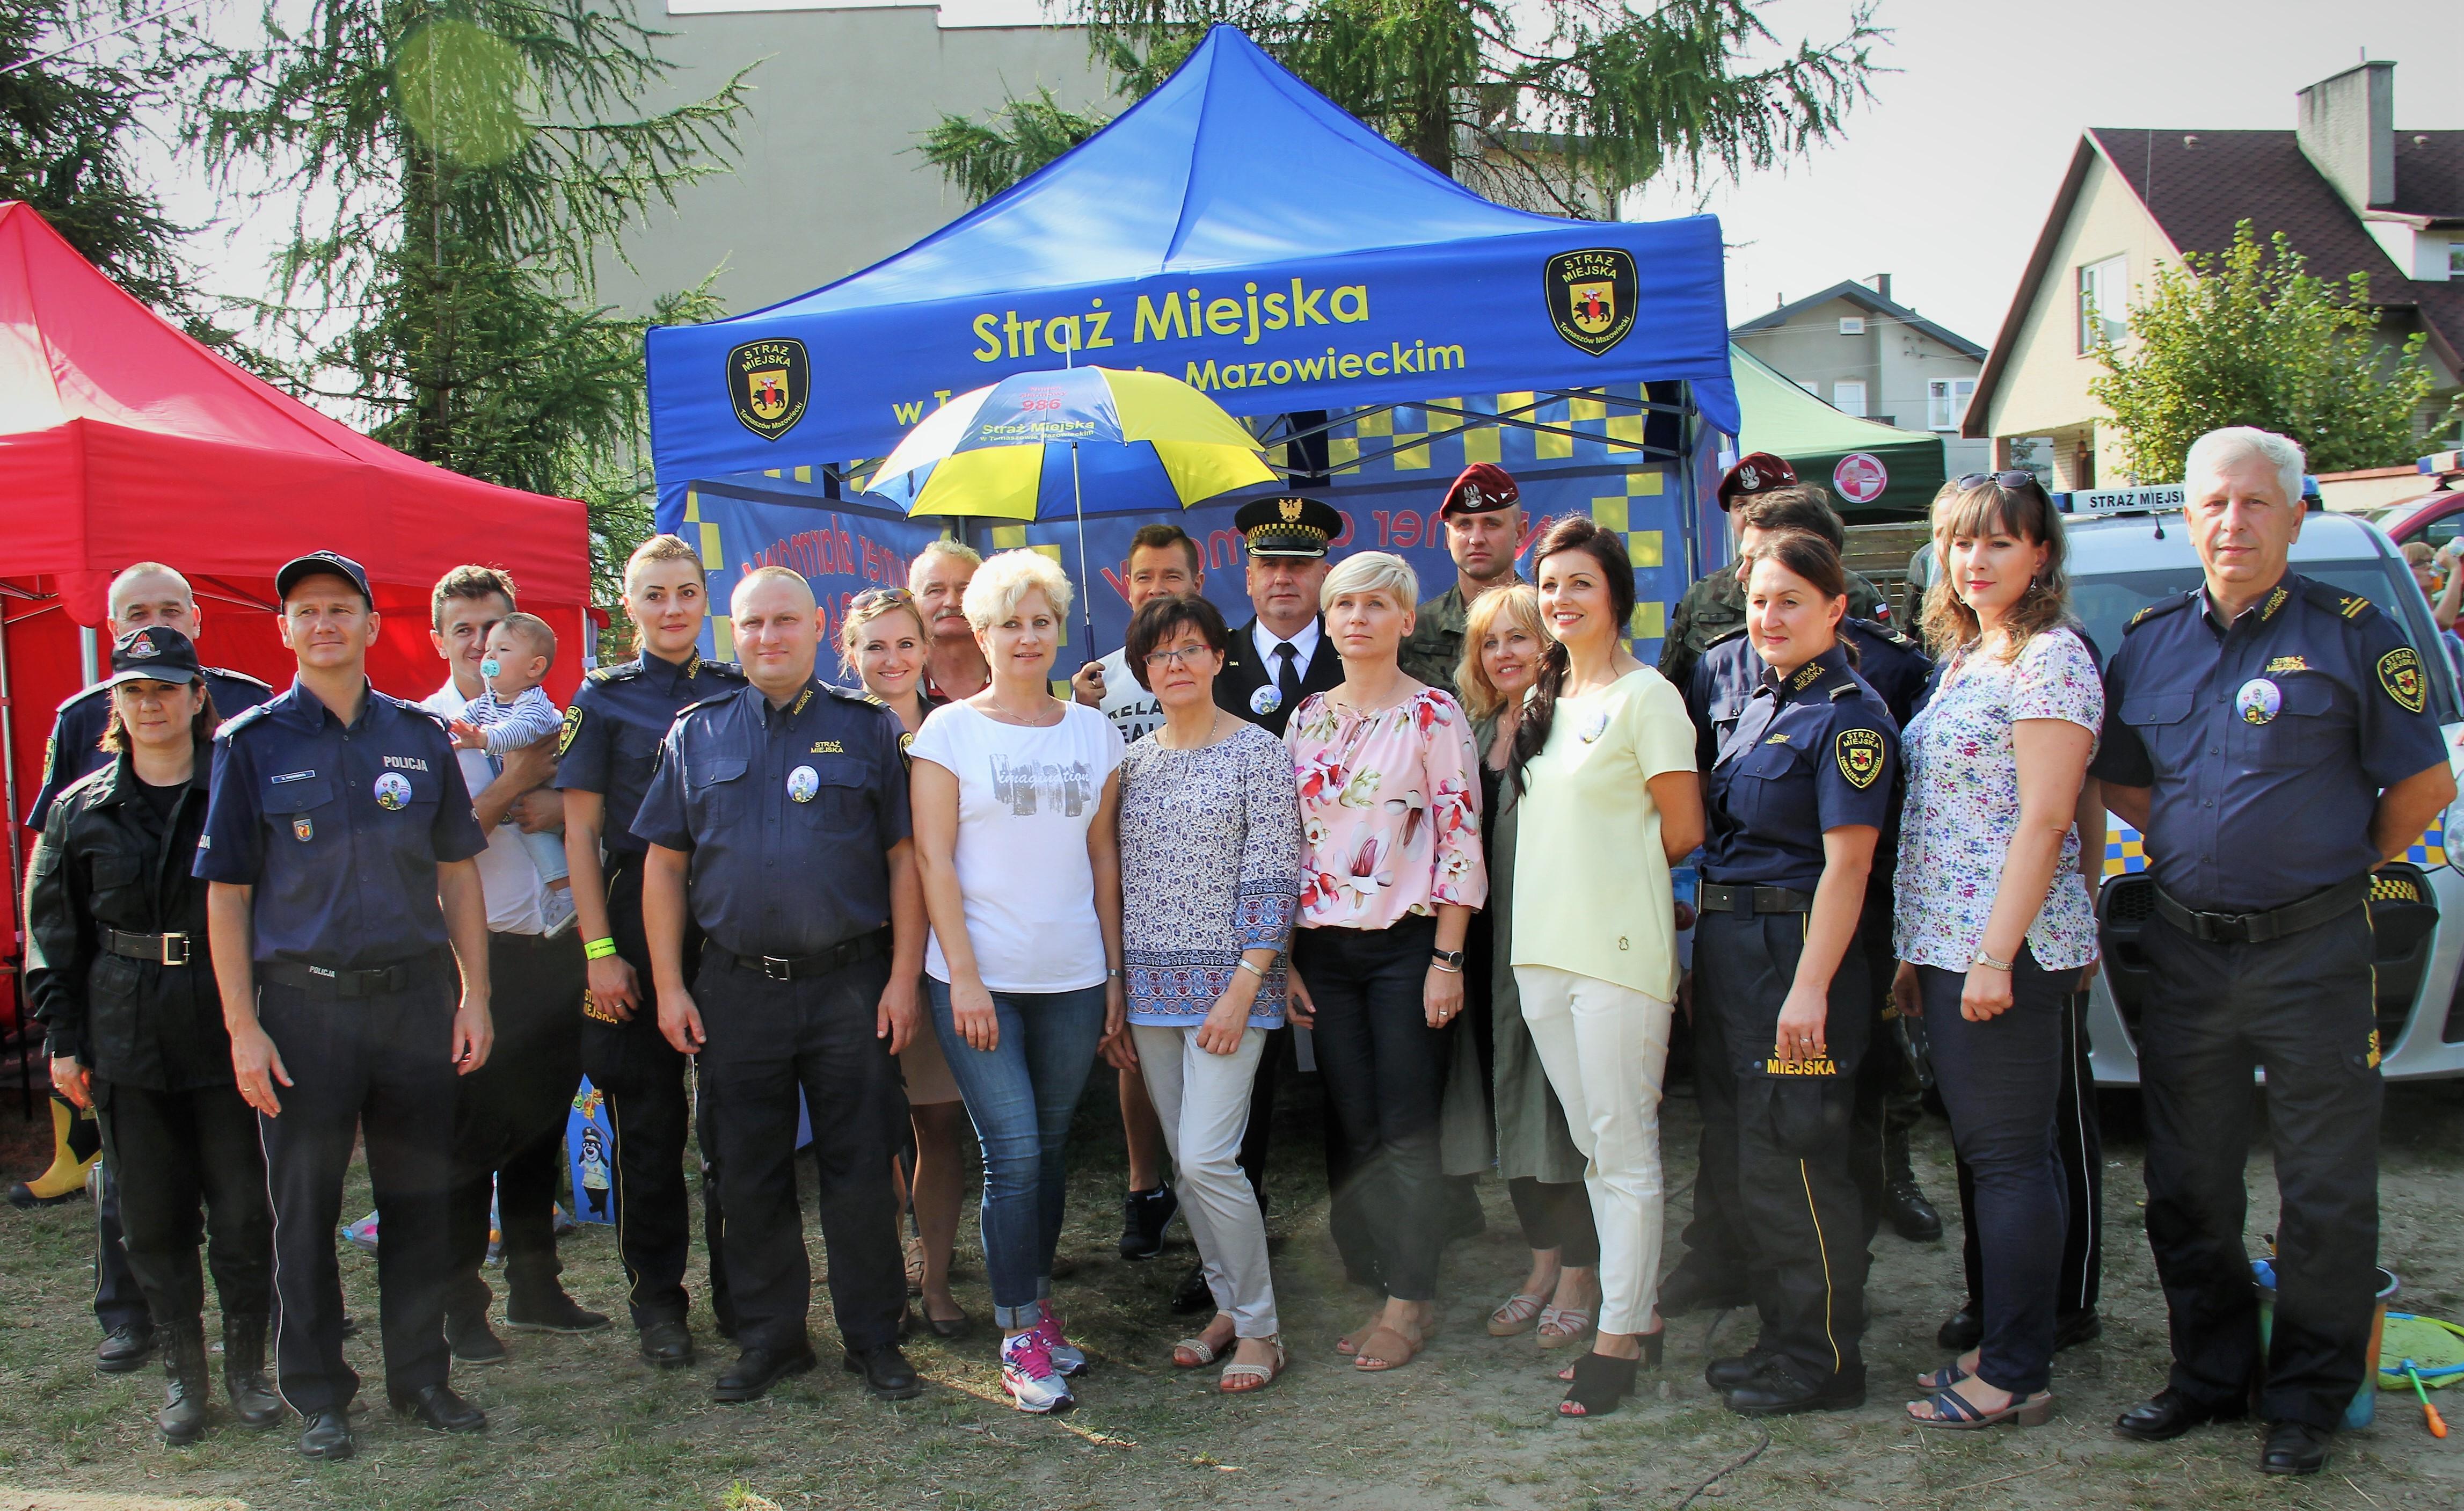 Święto Straży Miejskiej oraz Jubileusz 25-lecia Ośrodka Rehabilitacji Dzieci Niepełnosprawnych odbył się 29 sierpnia na terenie ORDN w Tomaszowie Mazowieckim. Organizatorzy zapewnili moc atrakcji.